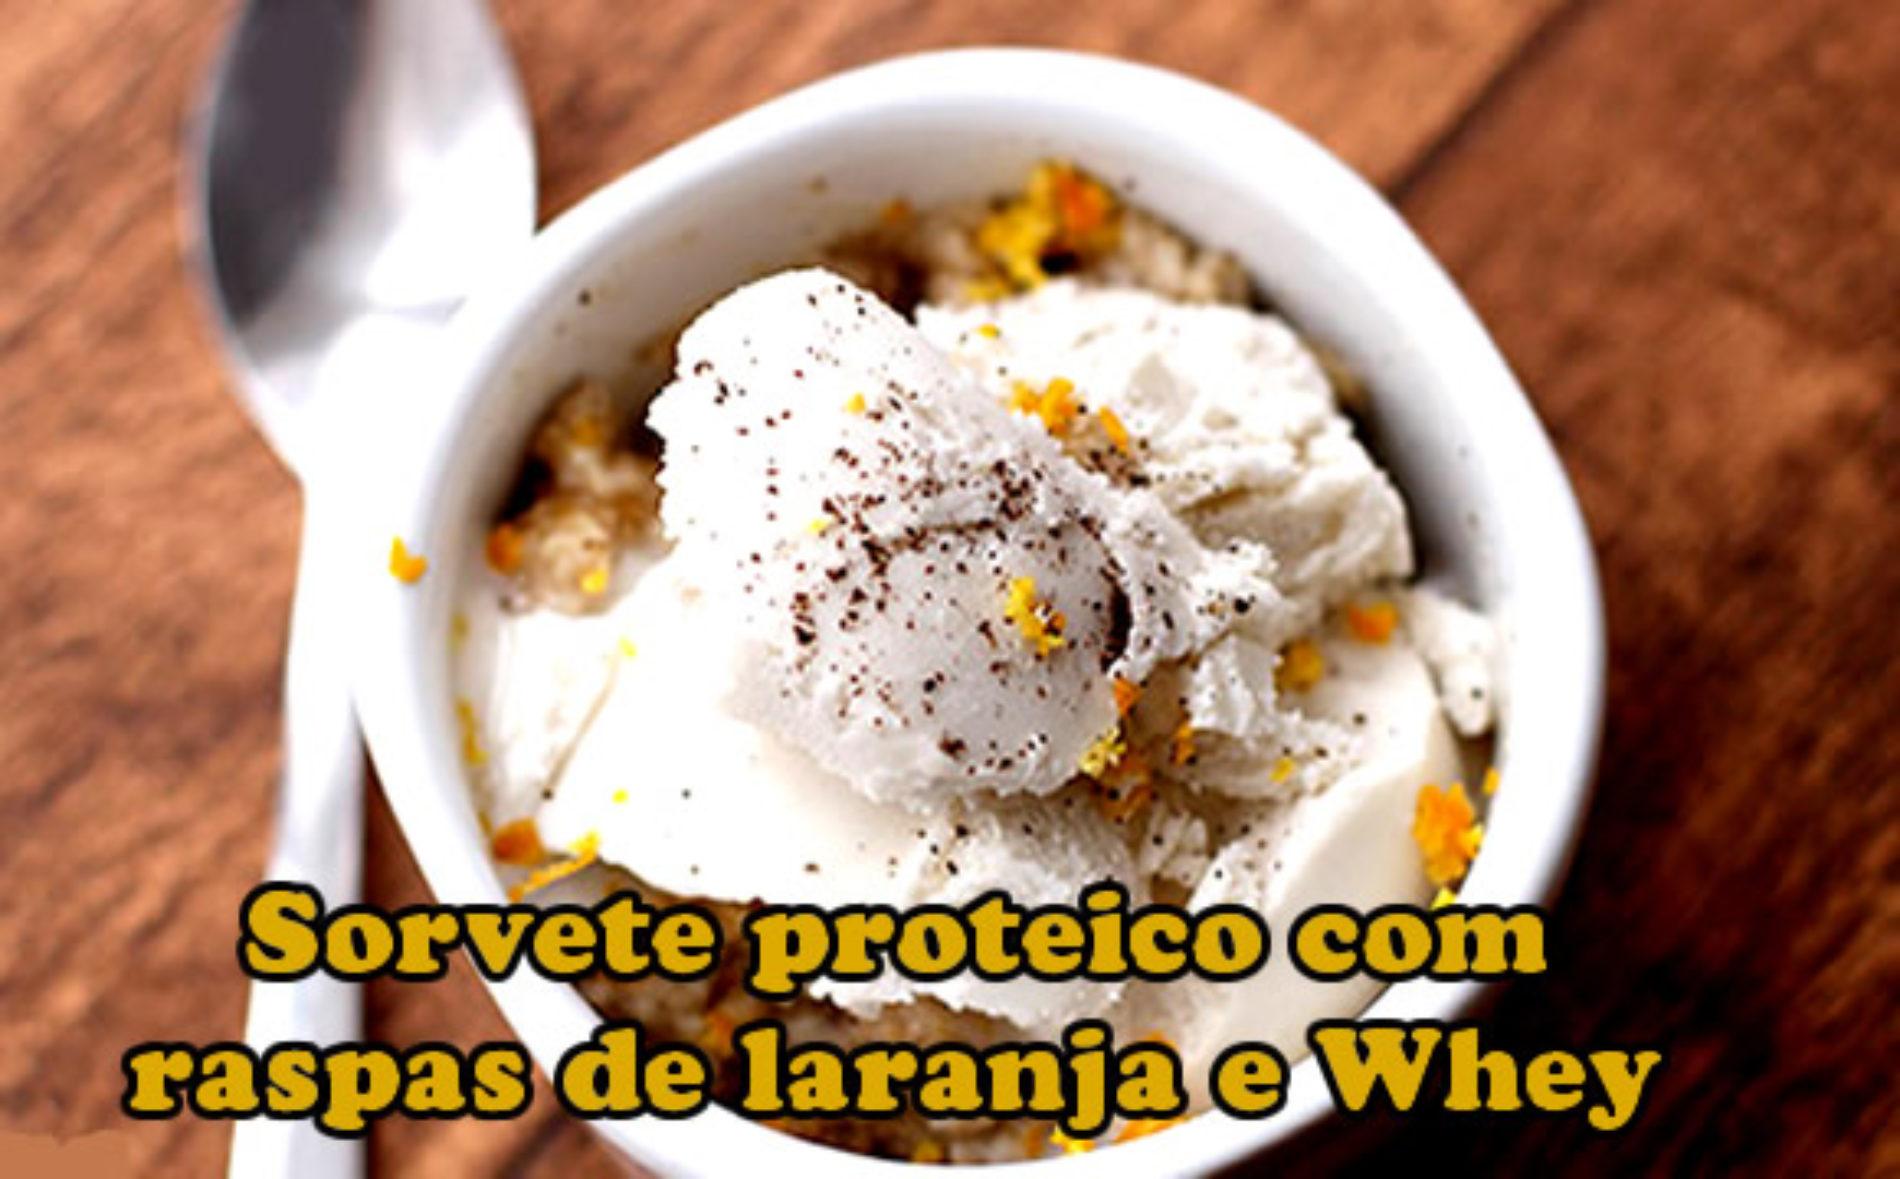 Sorvete baunilha com aveia, laranja e rico em proteinas